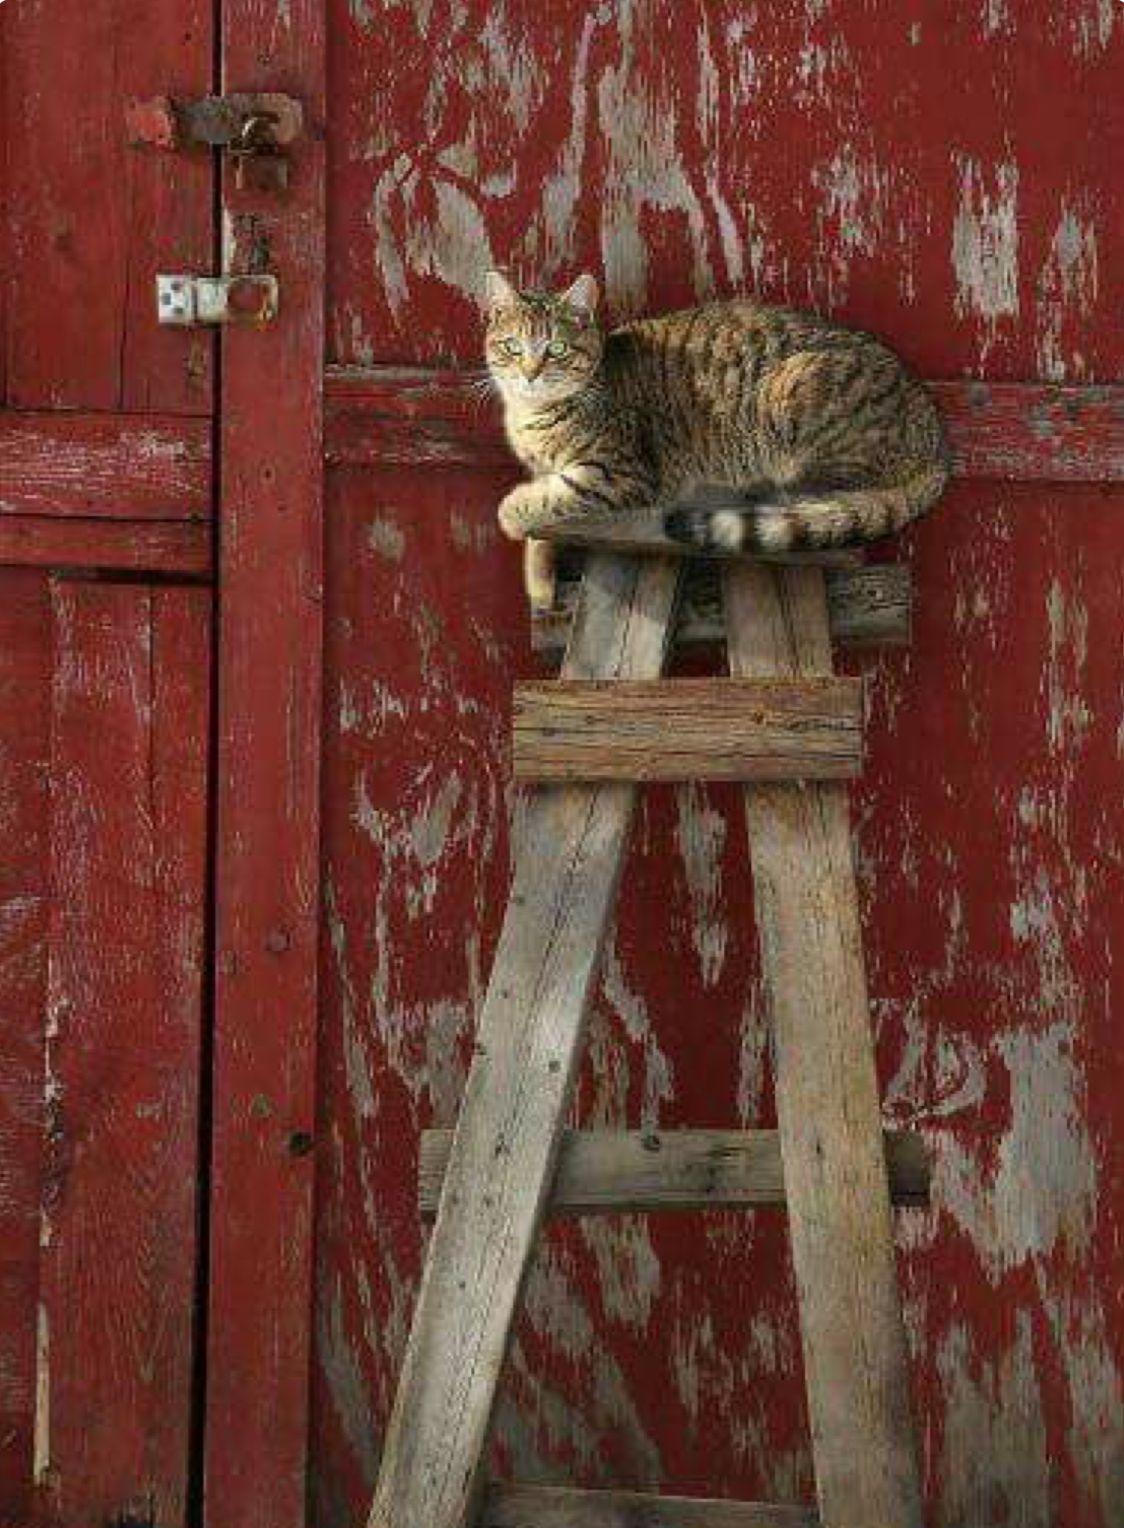 Pin De Deanne Em Cats Gatos Loucos Pose De Gato Gatos Domesticos